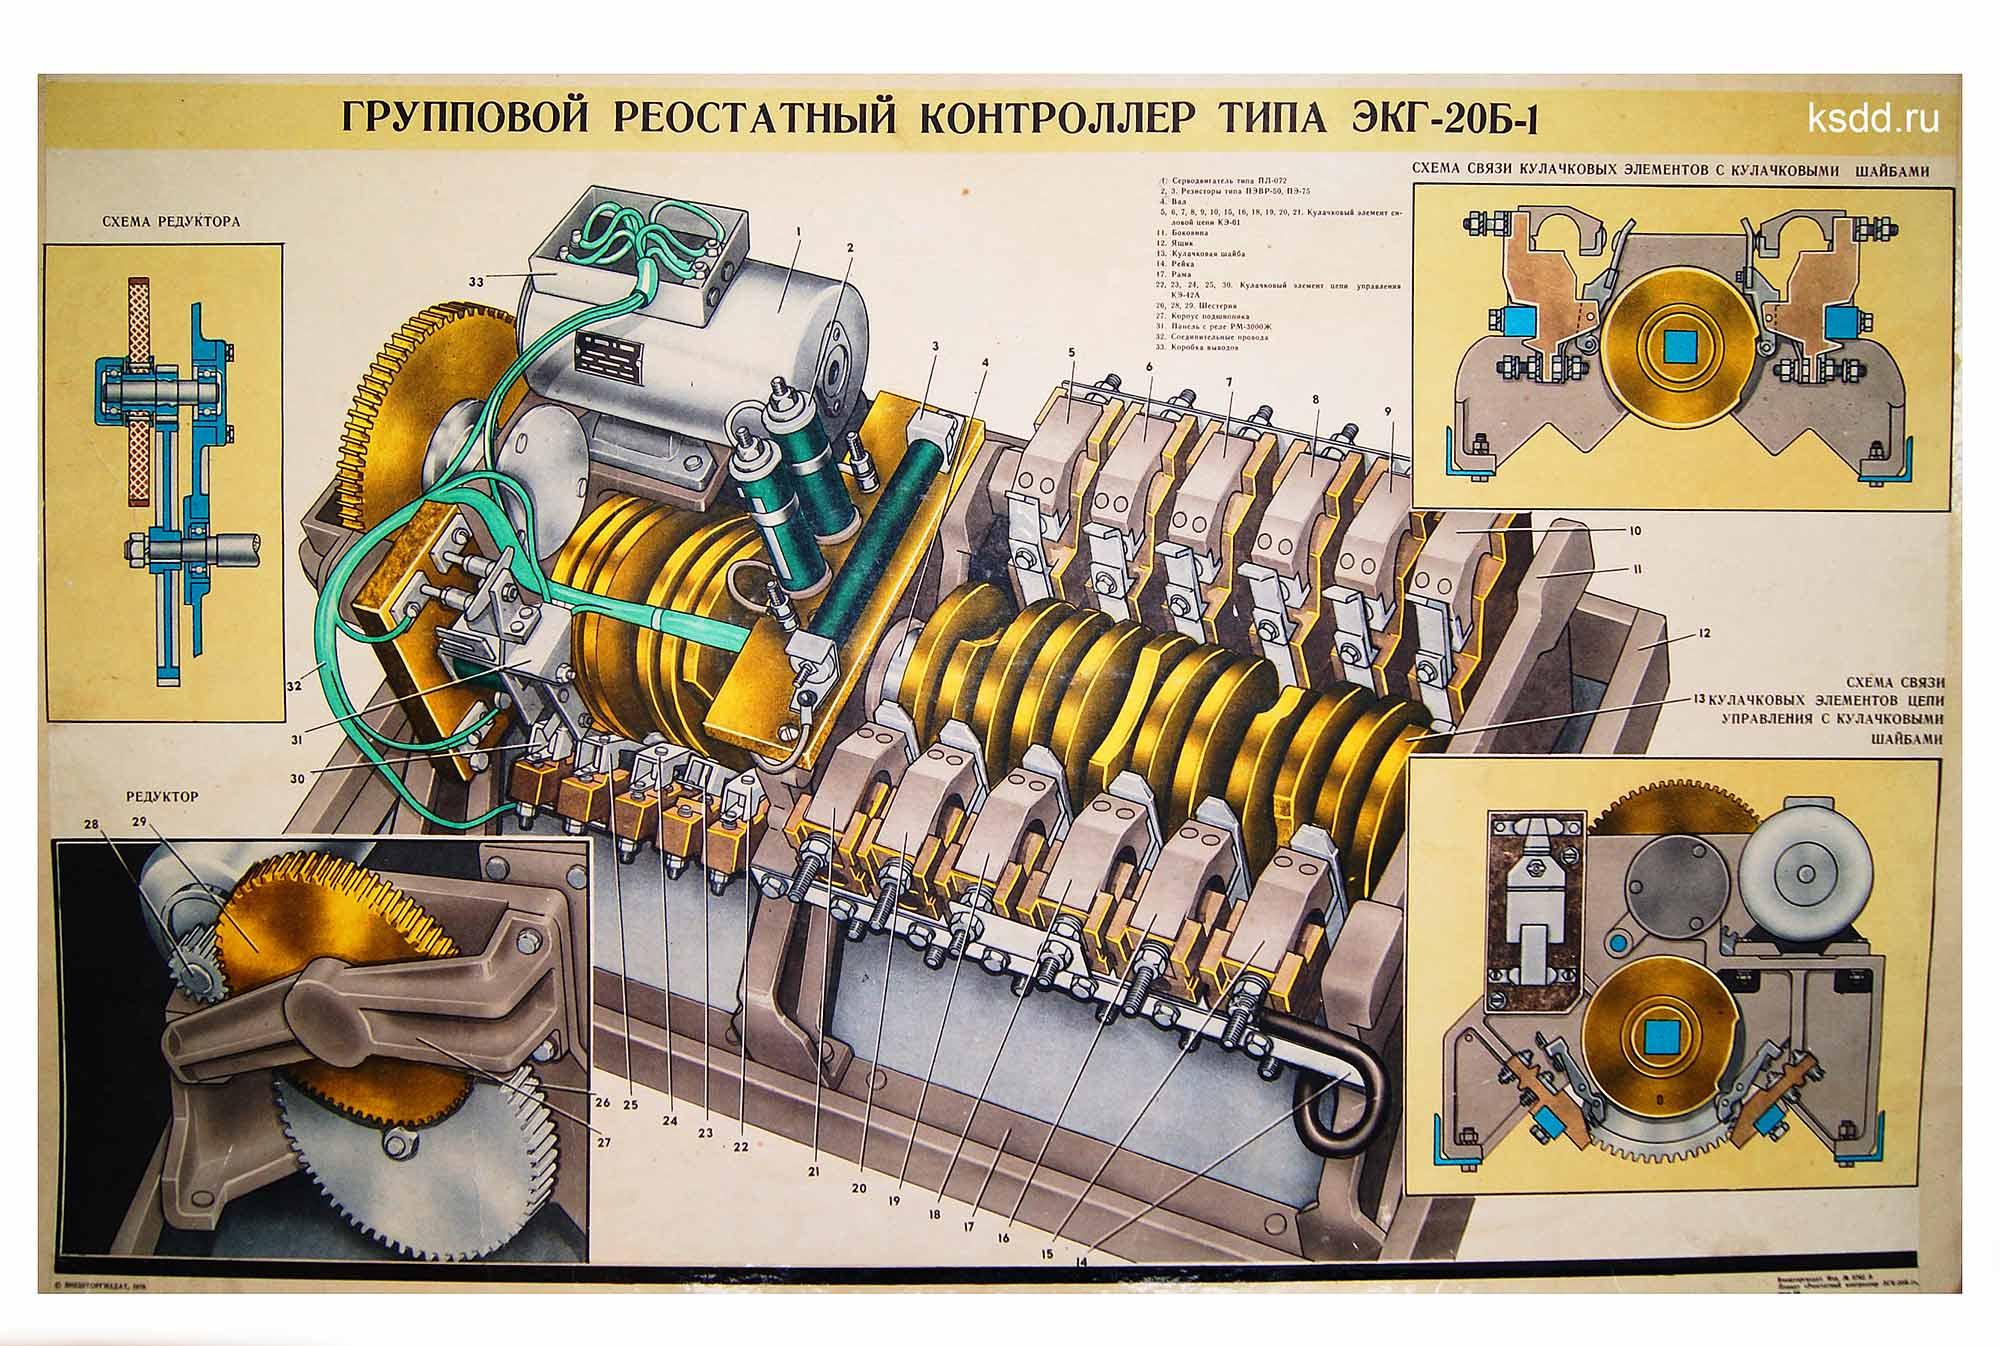 21.-Групповой-реостатный-контроллер-типа-ЭКГ-20Б-1